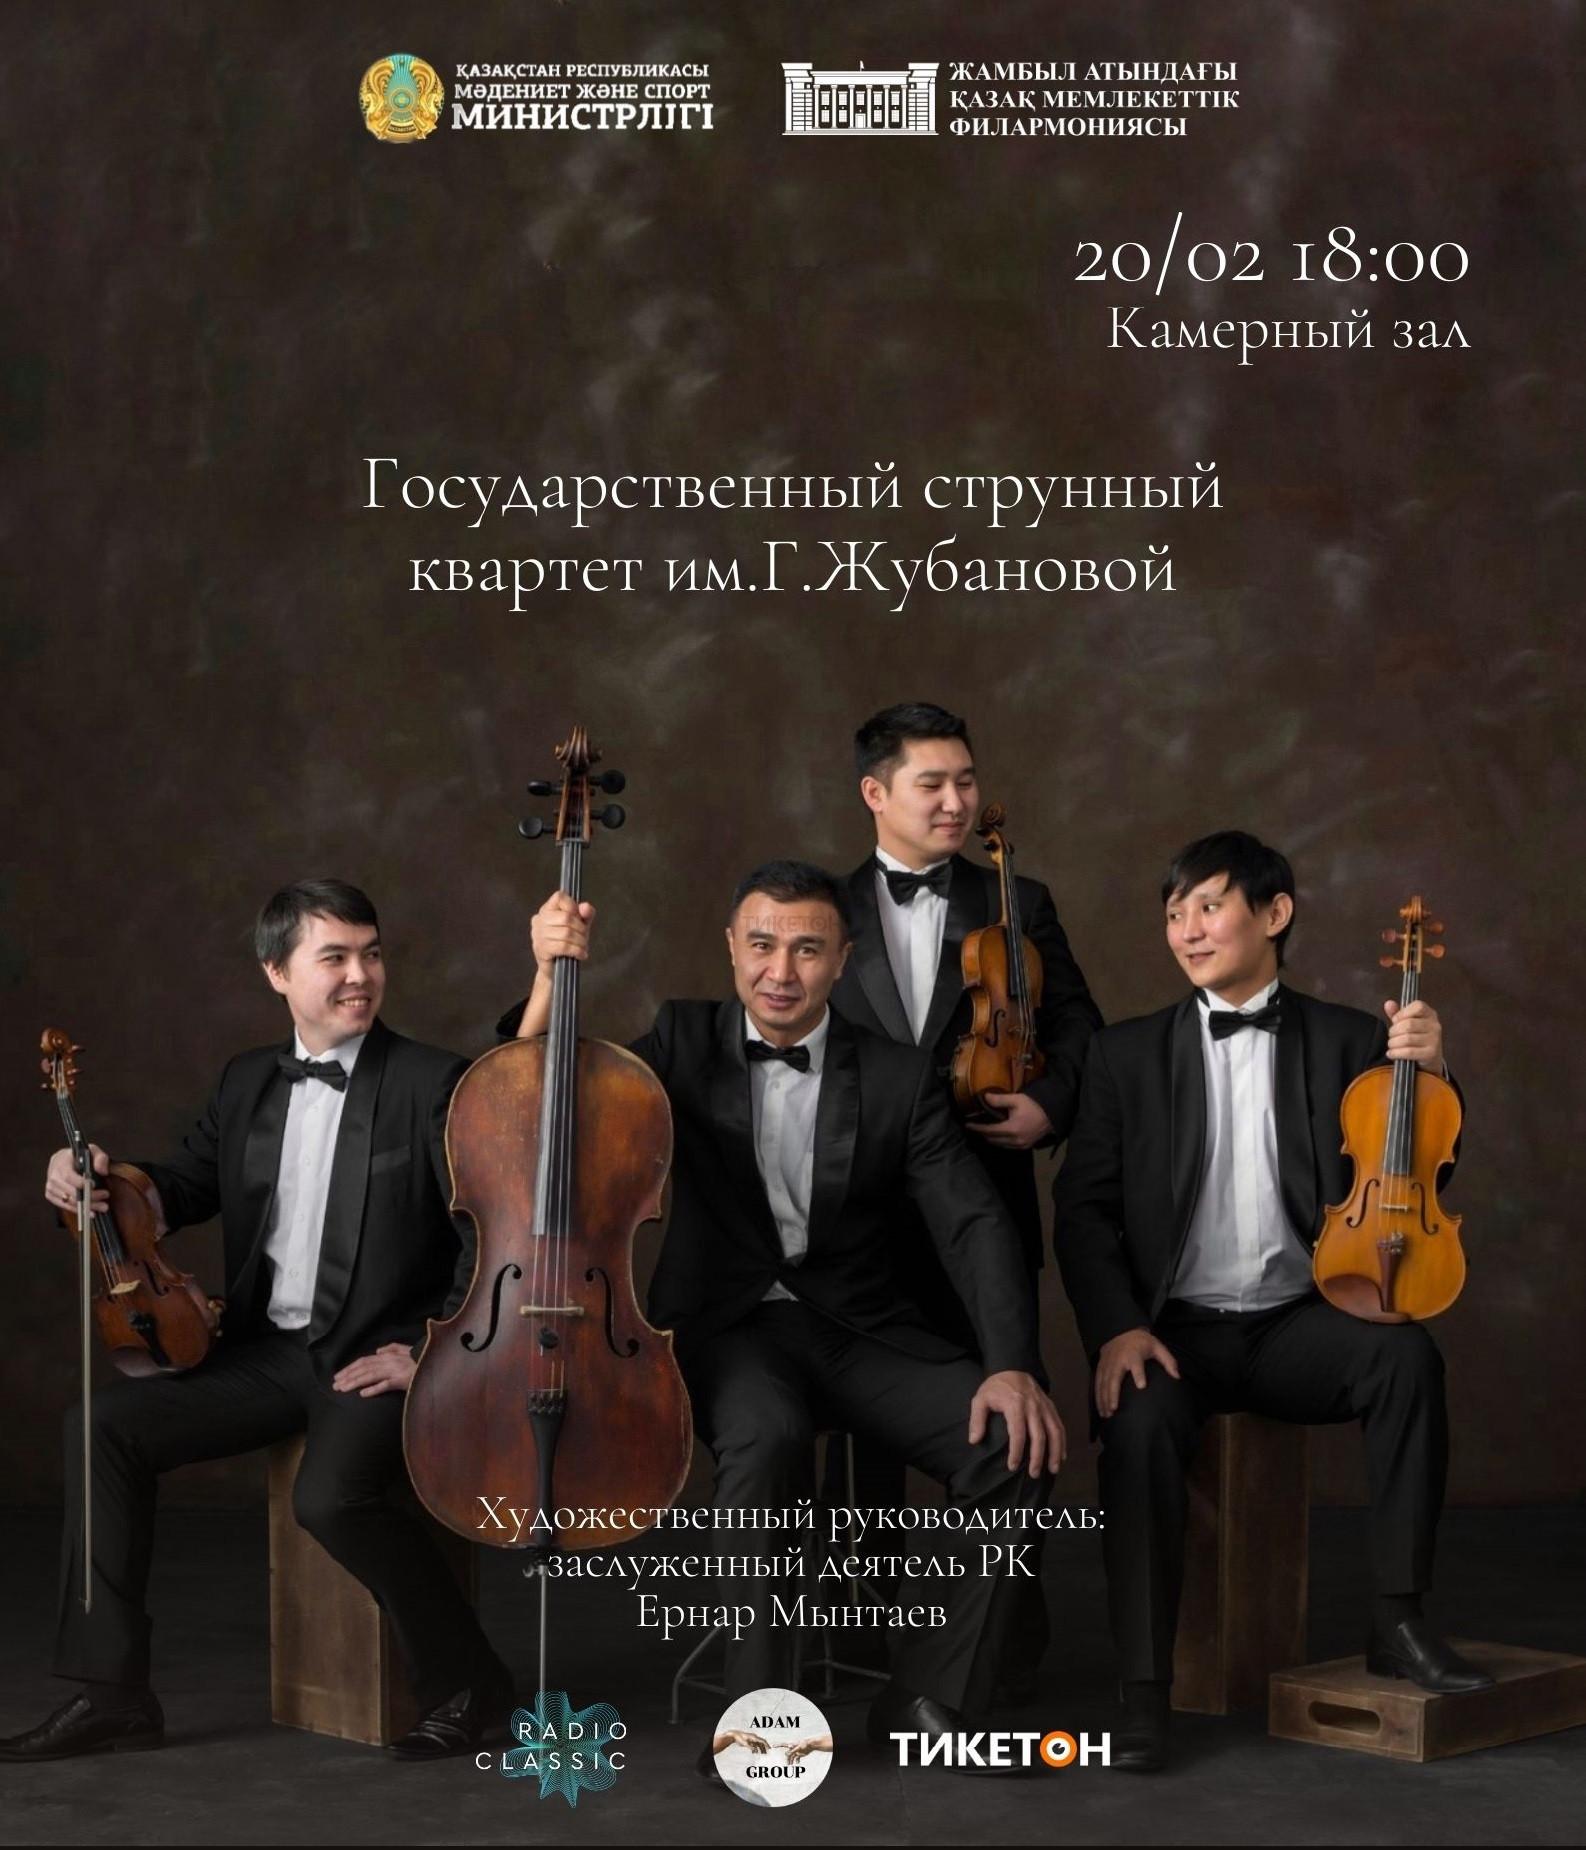 Государственный струнный квартет им. Г. Жубановой